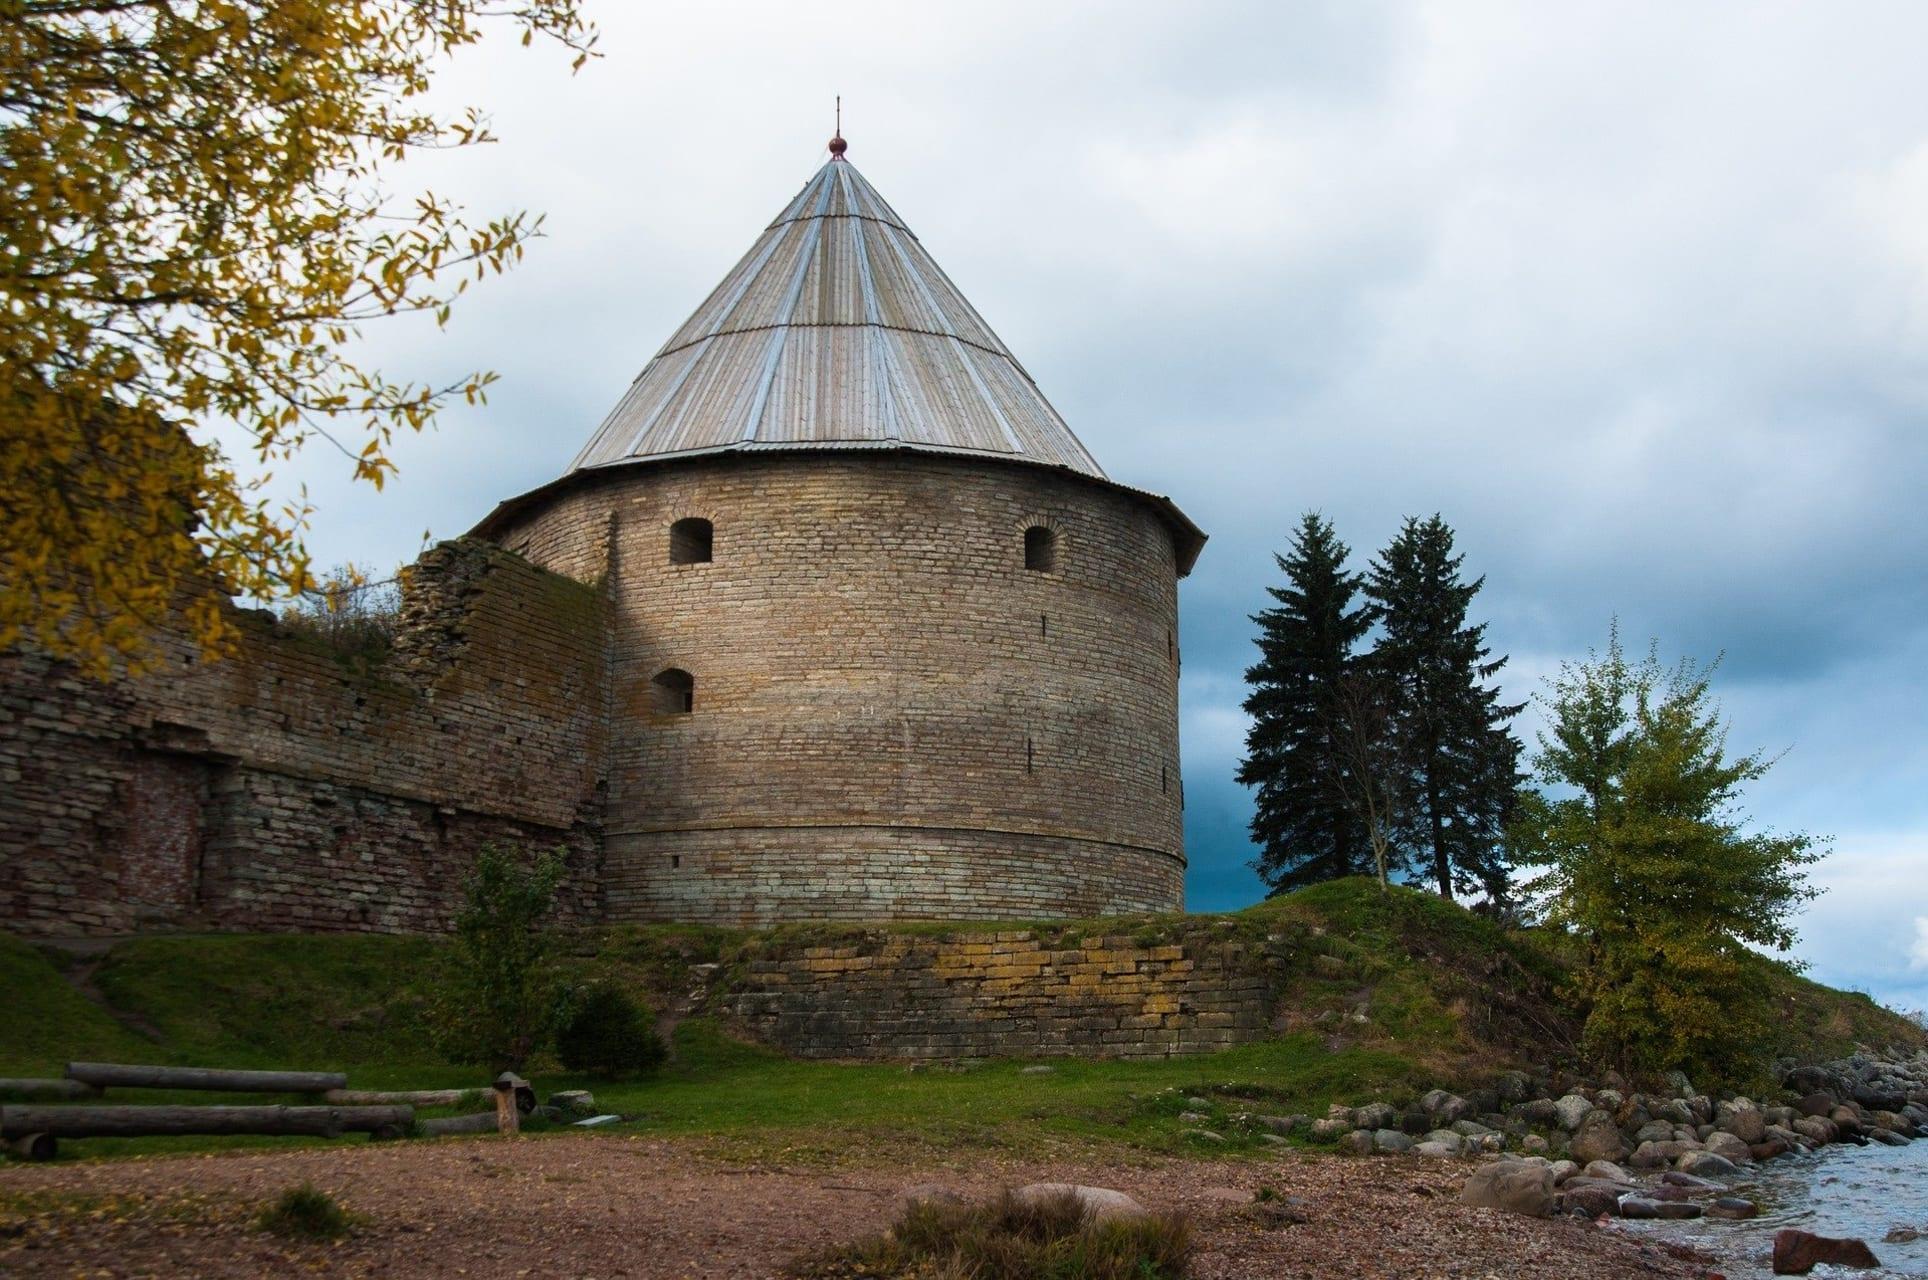 Saint Petersburg - Revolution Series: Schlisselburg Fortress